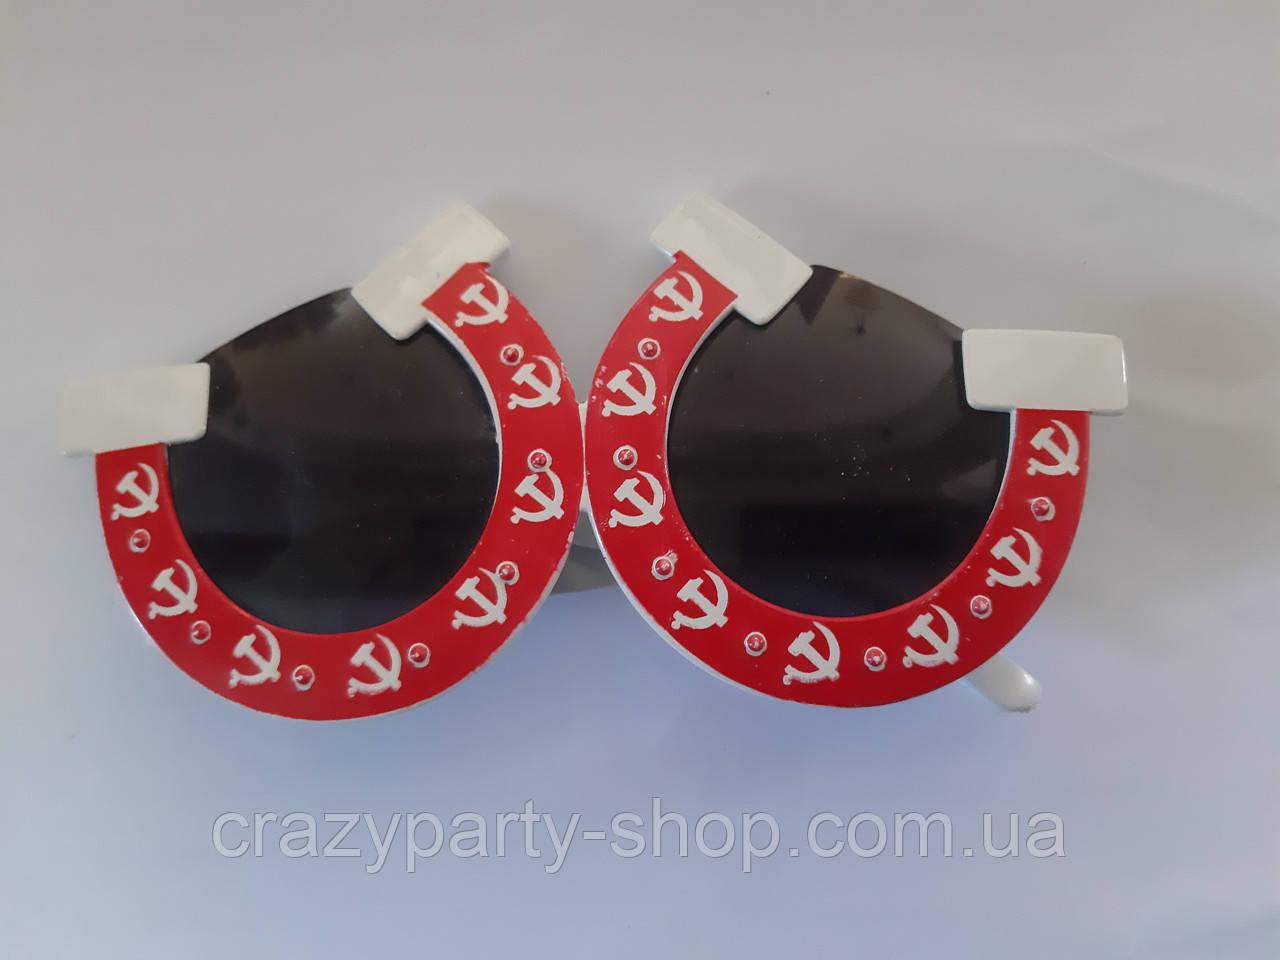 Карнавальні окуляри прикольні для вечірки СРСР